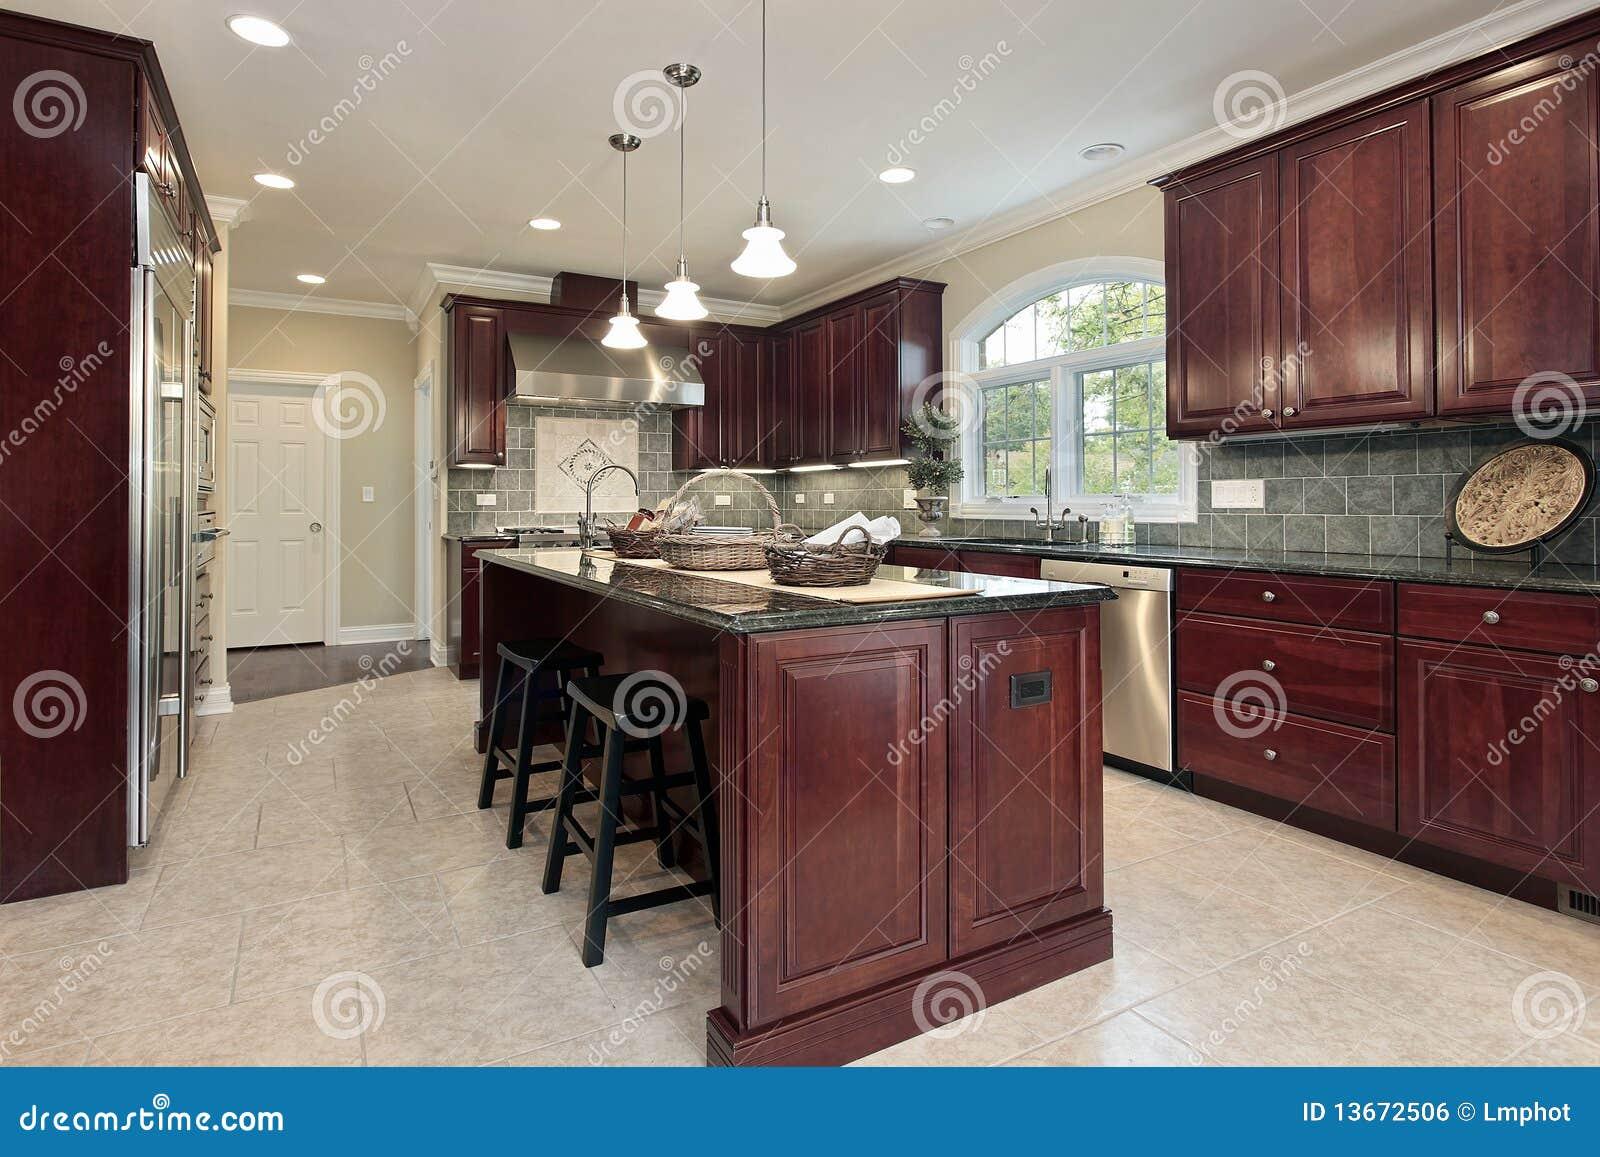 gebrauchte küche kaufen | jtleigh - hausgestaltung ideen